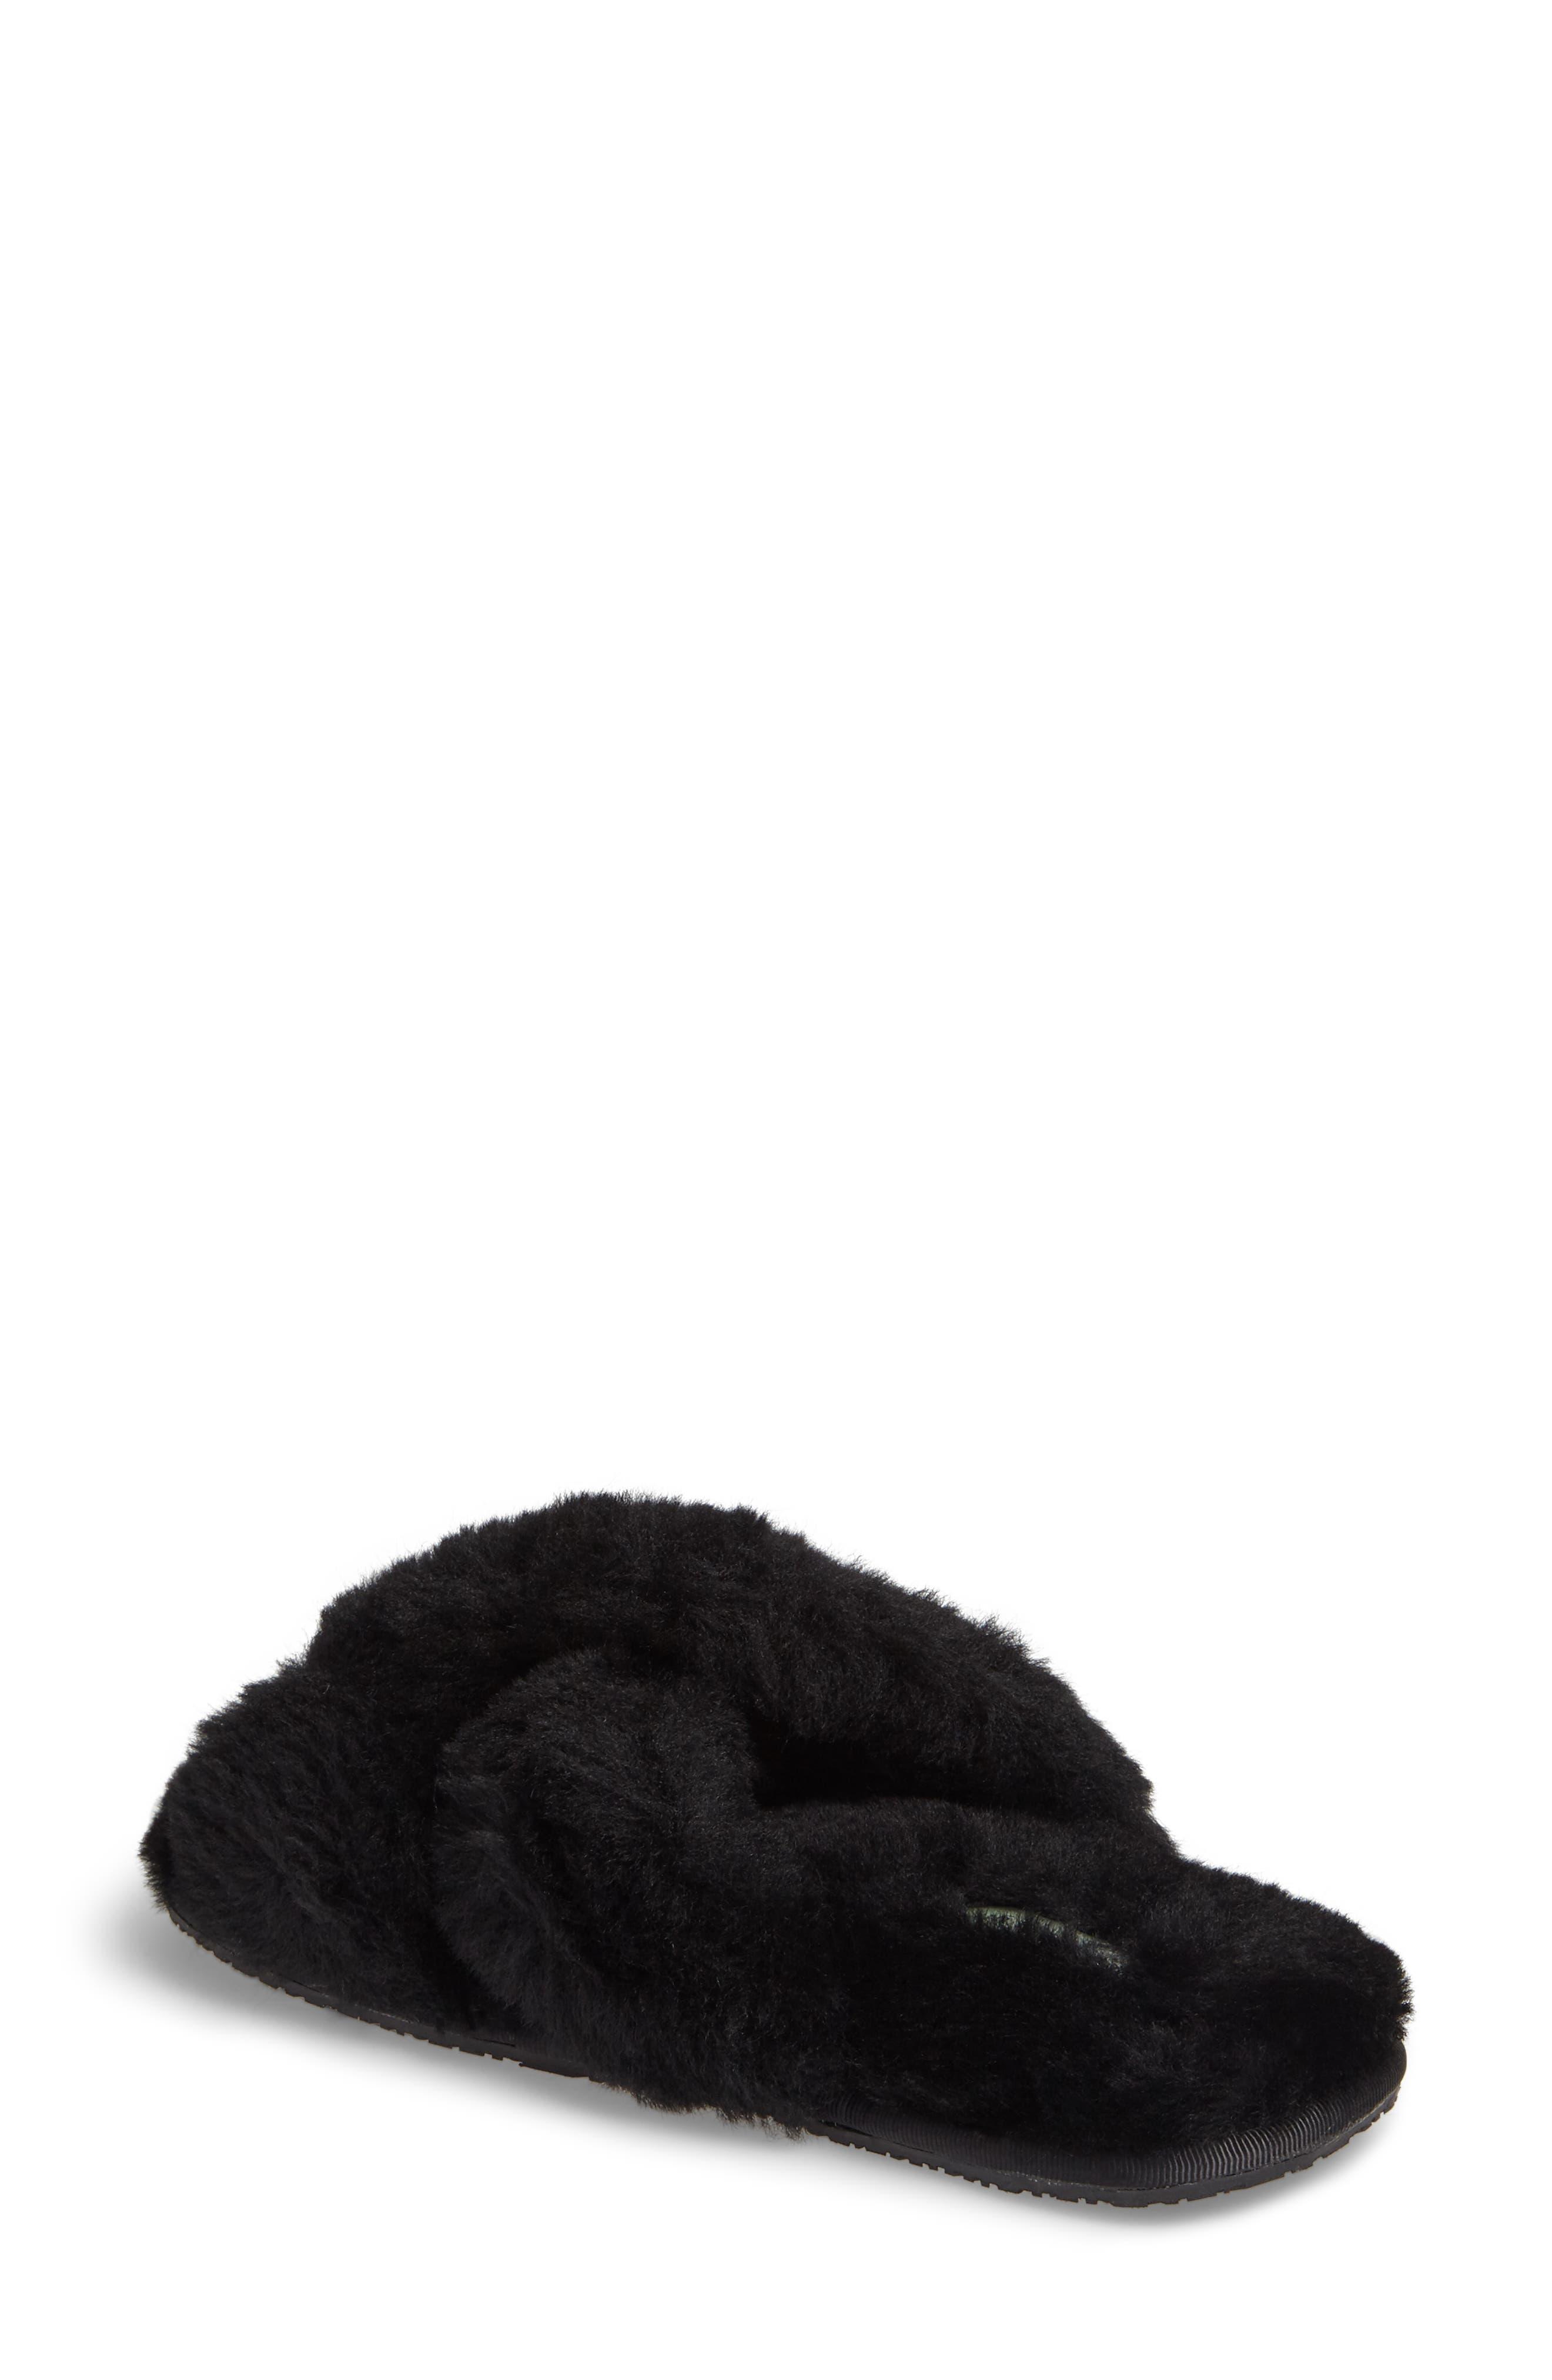 Mt. Hood Genuine Shearling Slipper,                             Alternate thumbnail 2, color,                             BLACK